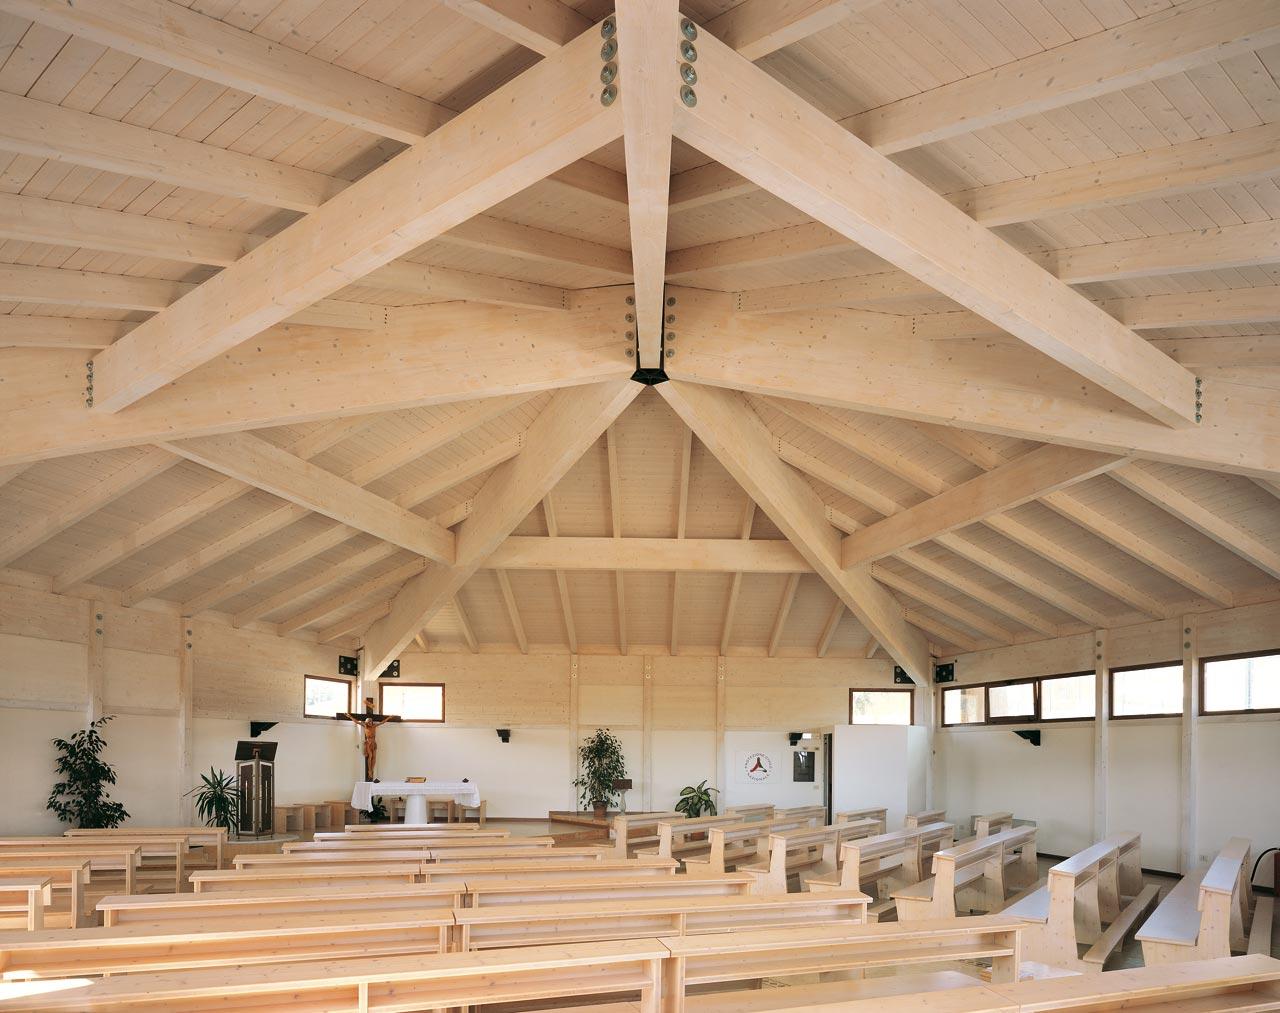 Chiesa san giuliano di puglia caritas molise 2002 for Case in legno puglia